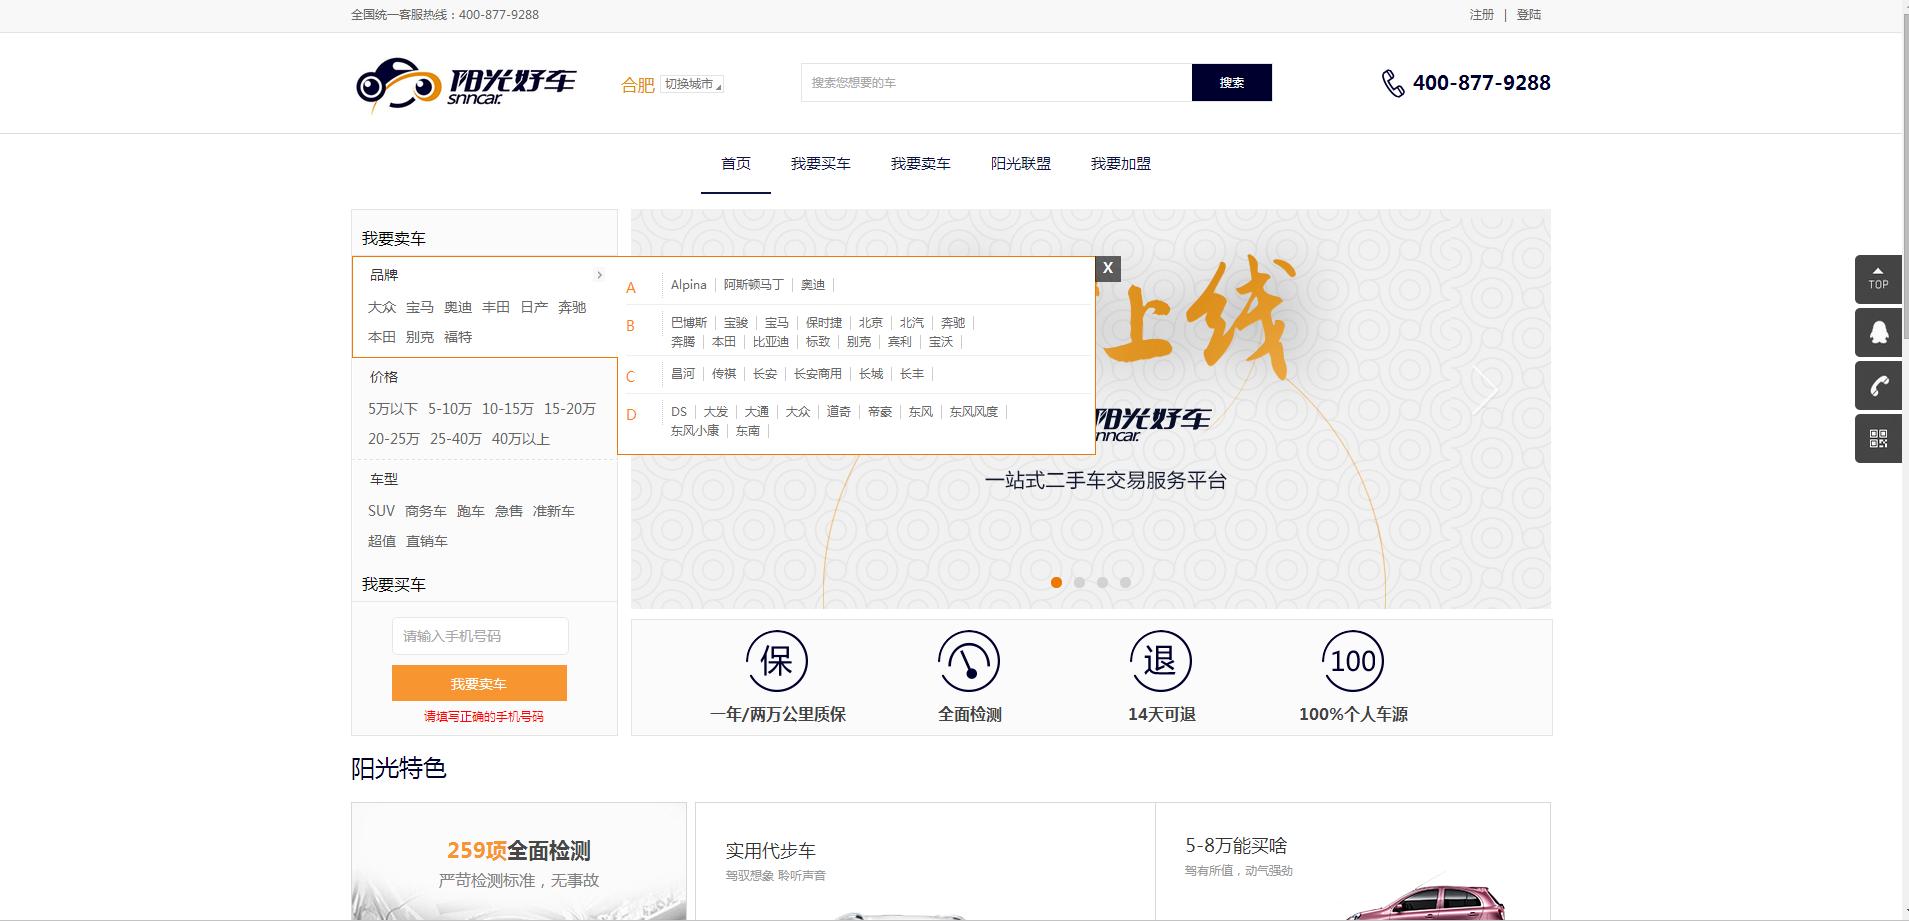 互联网买卖二手车交易平台网站模板全套